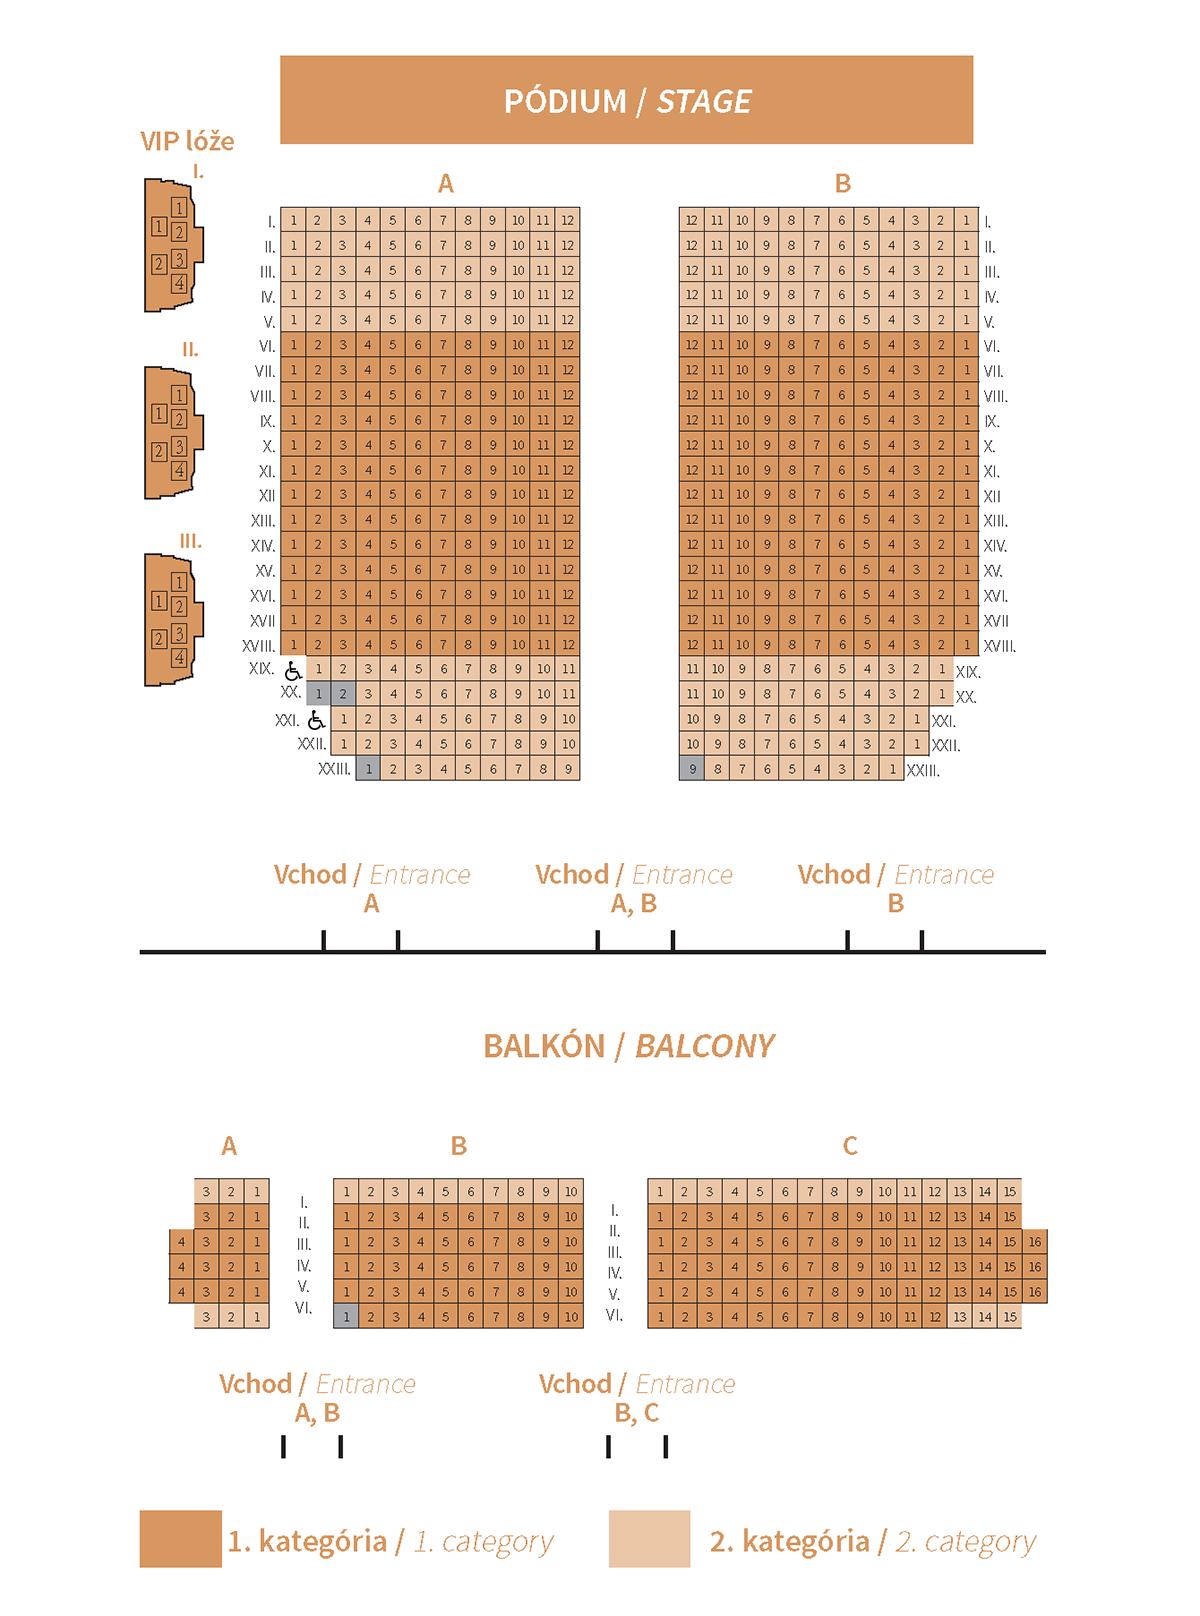 Slovenská filharmónia plán sedadiel Koncertná sieň